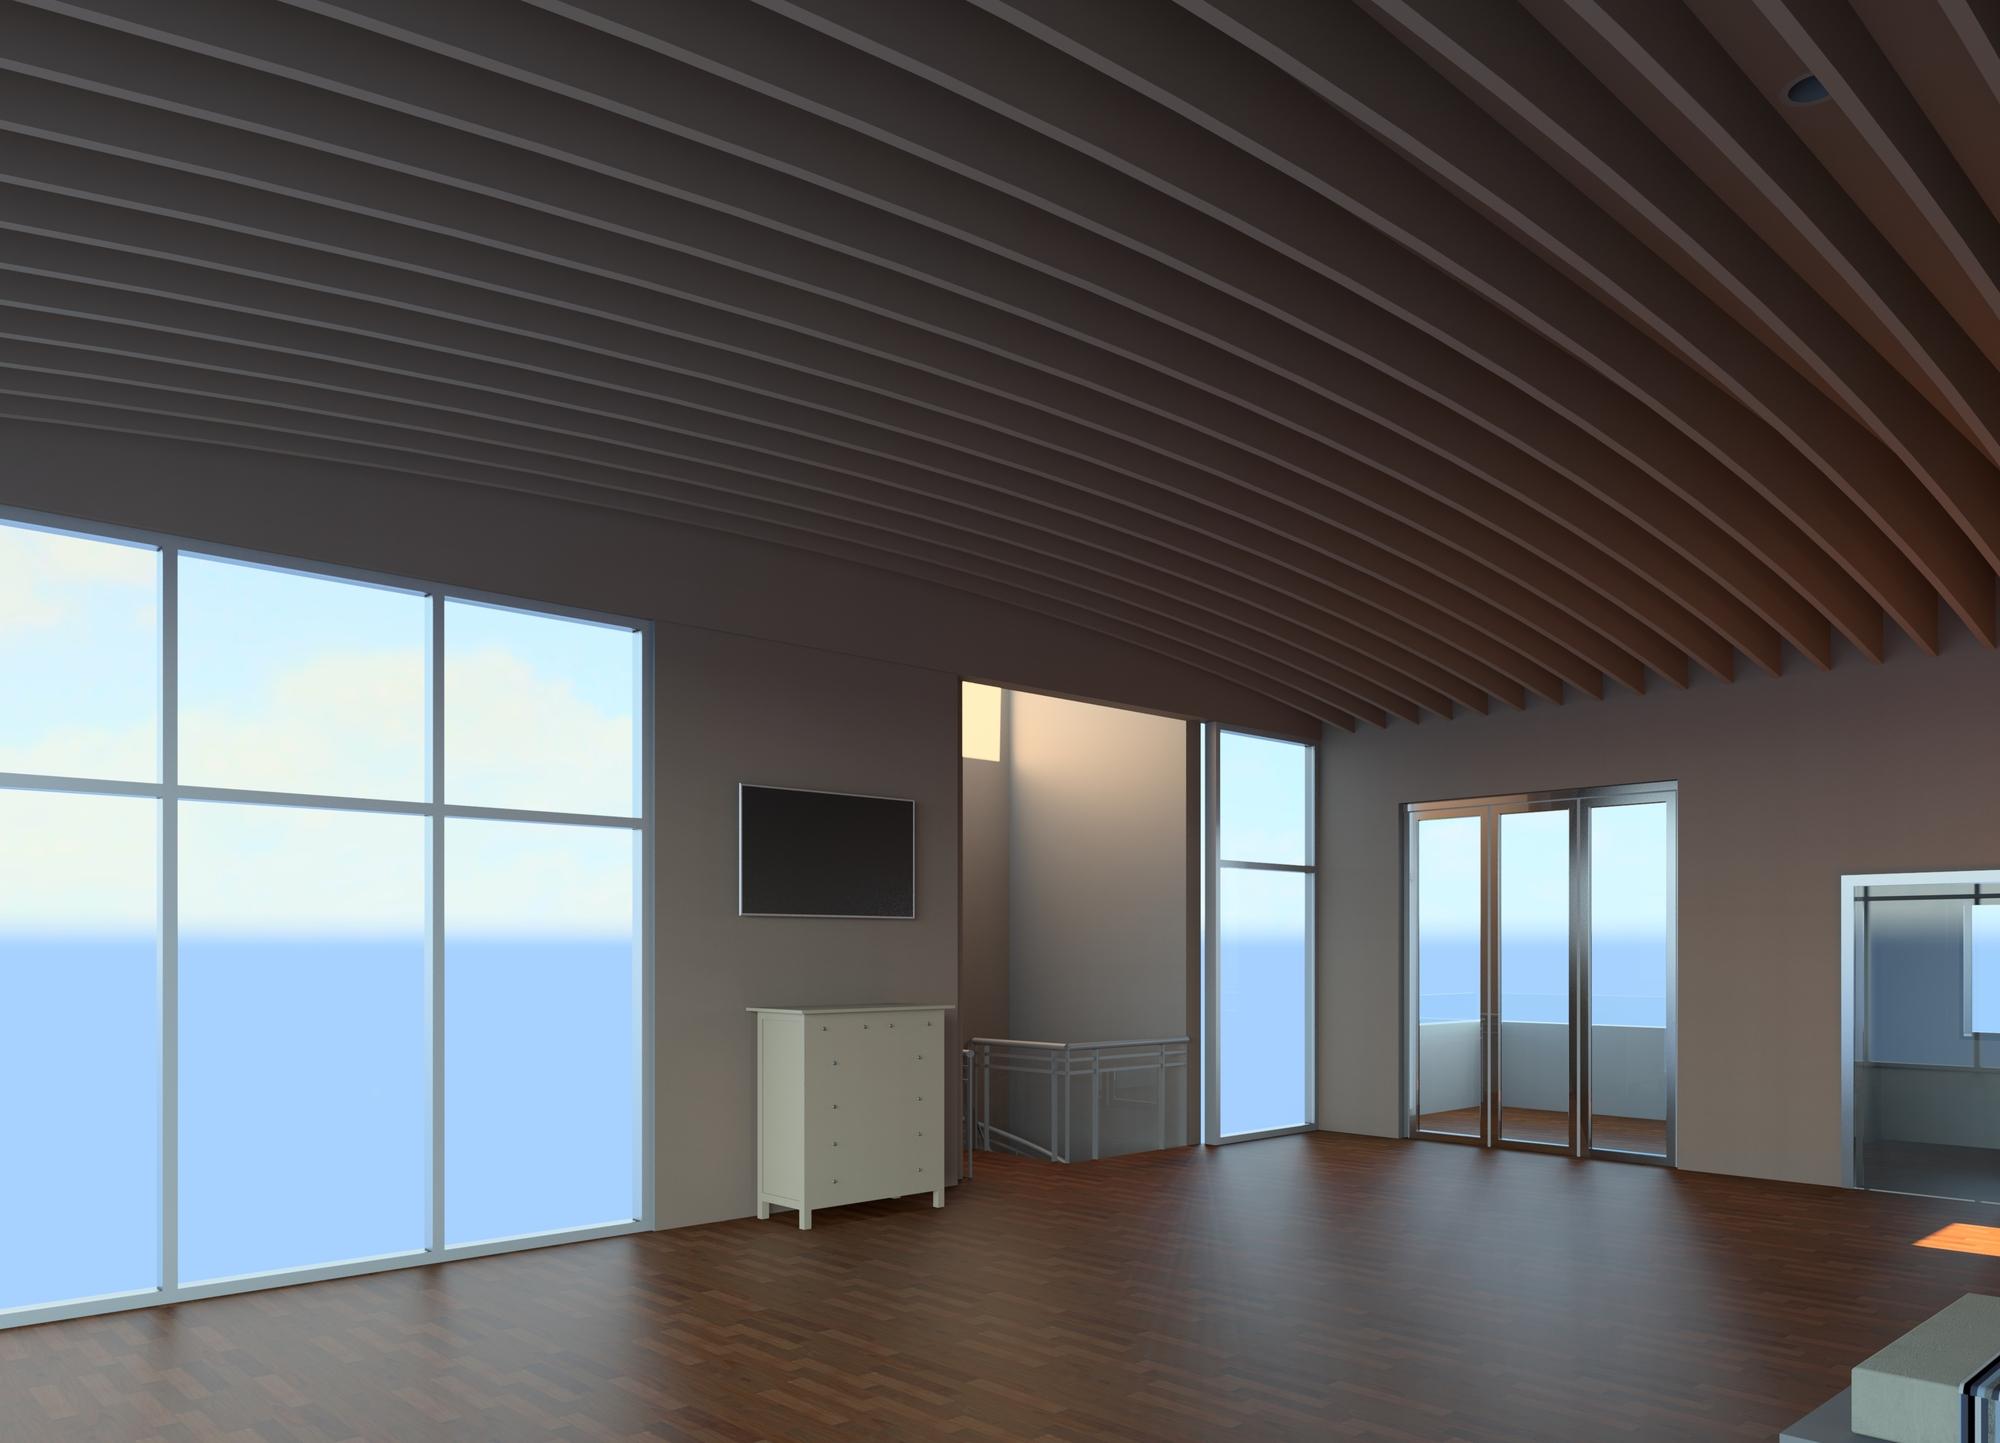 Raas-rendering20150326-2169-11jinql